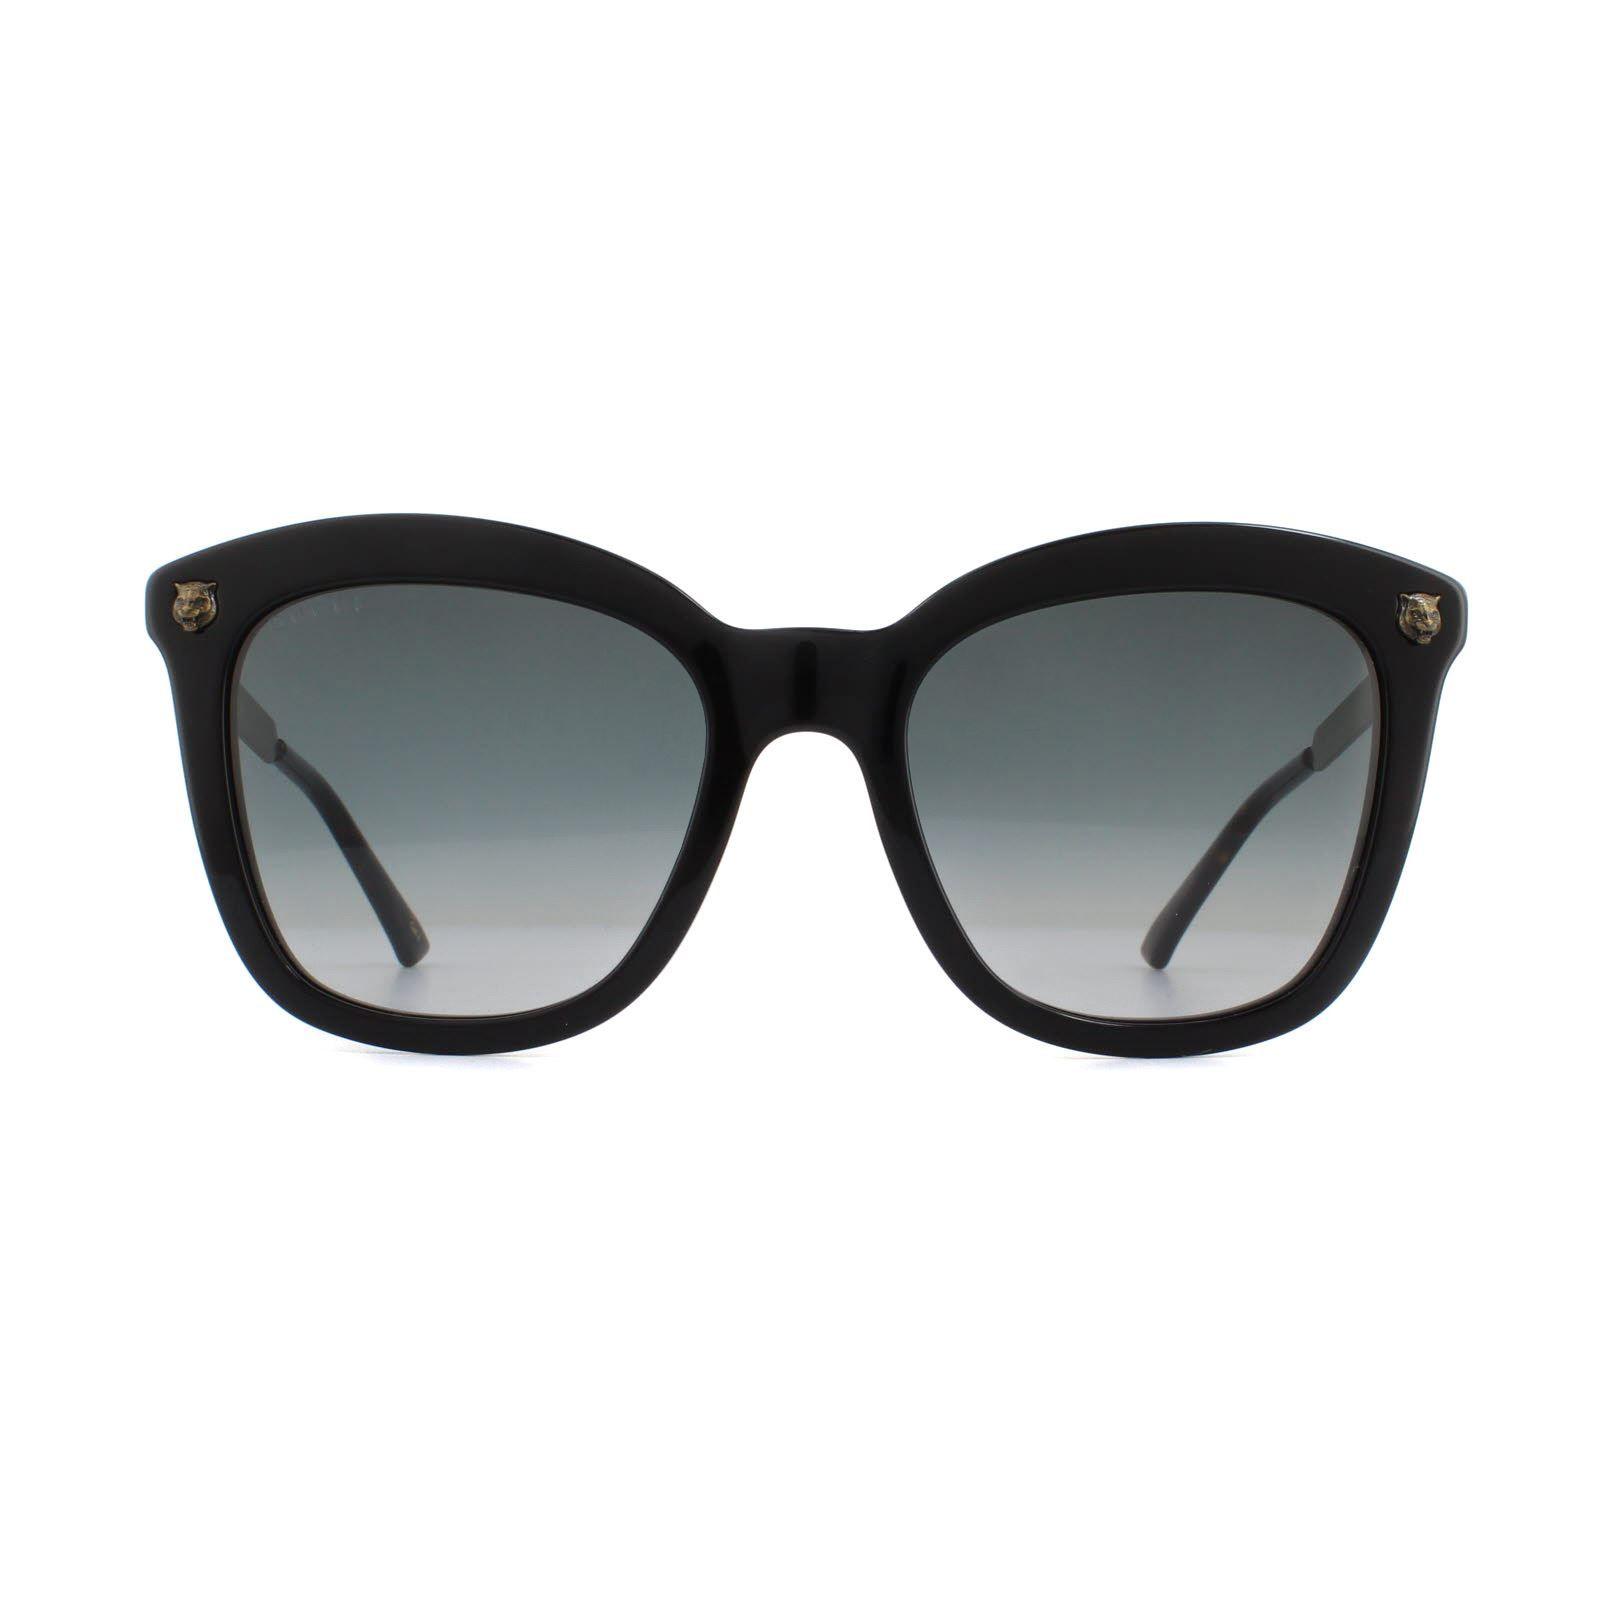 Gucci Sunglasses GG0217S 001 Black Gold Grey